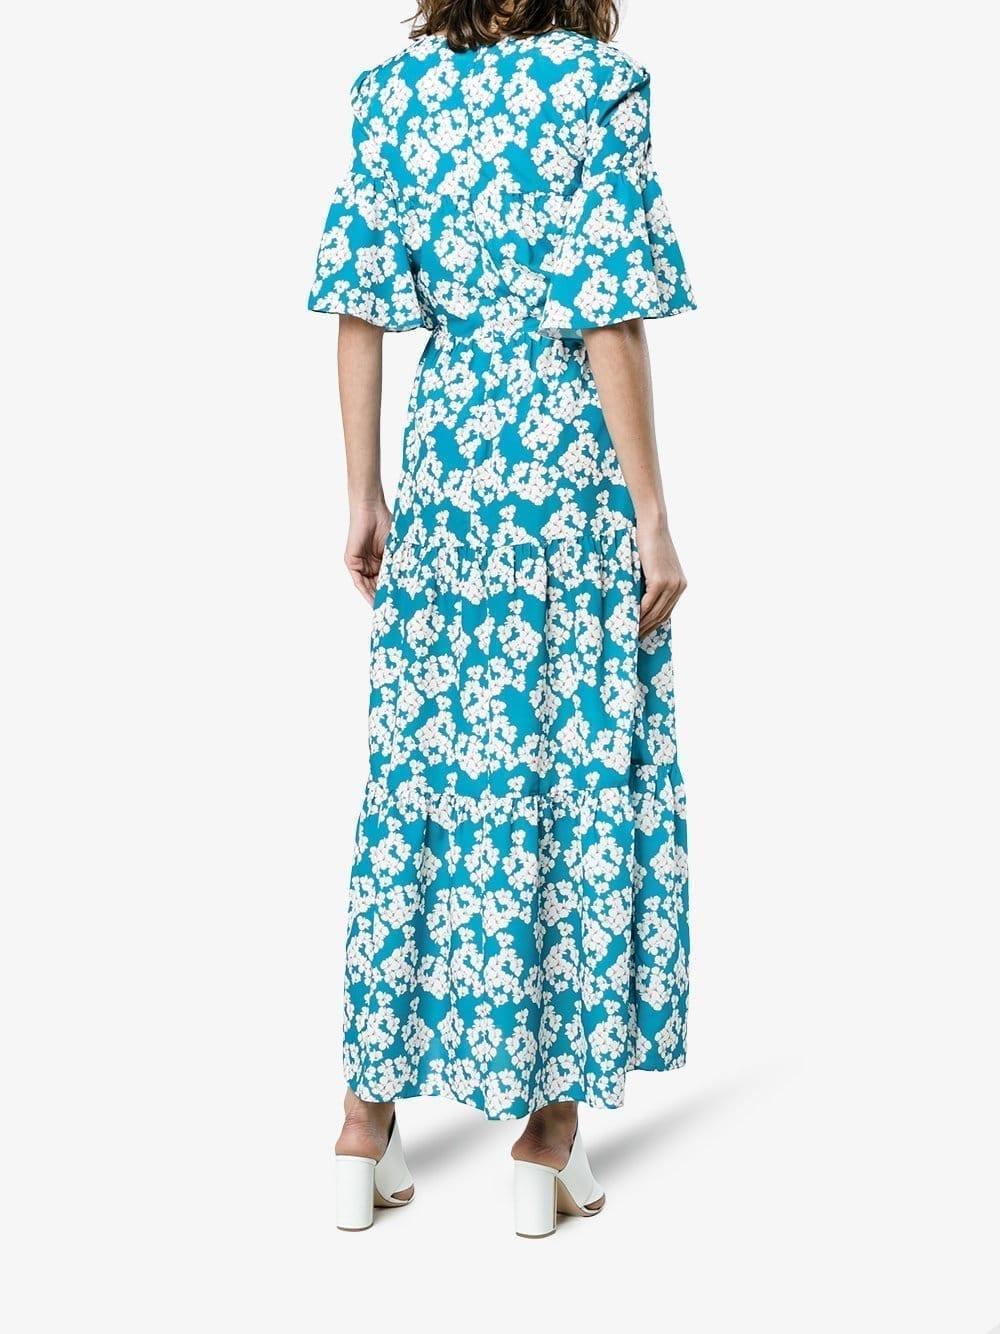 borgo de nor dora floral tier blue white dress we select dresses